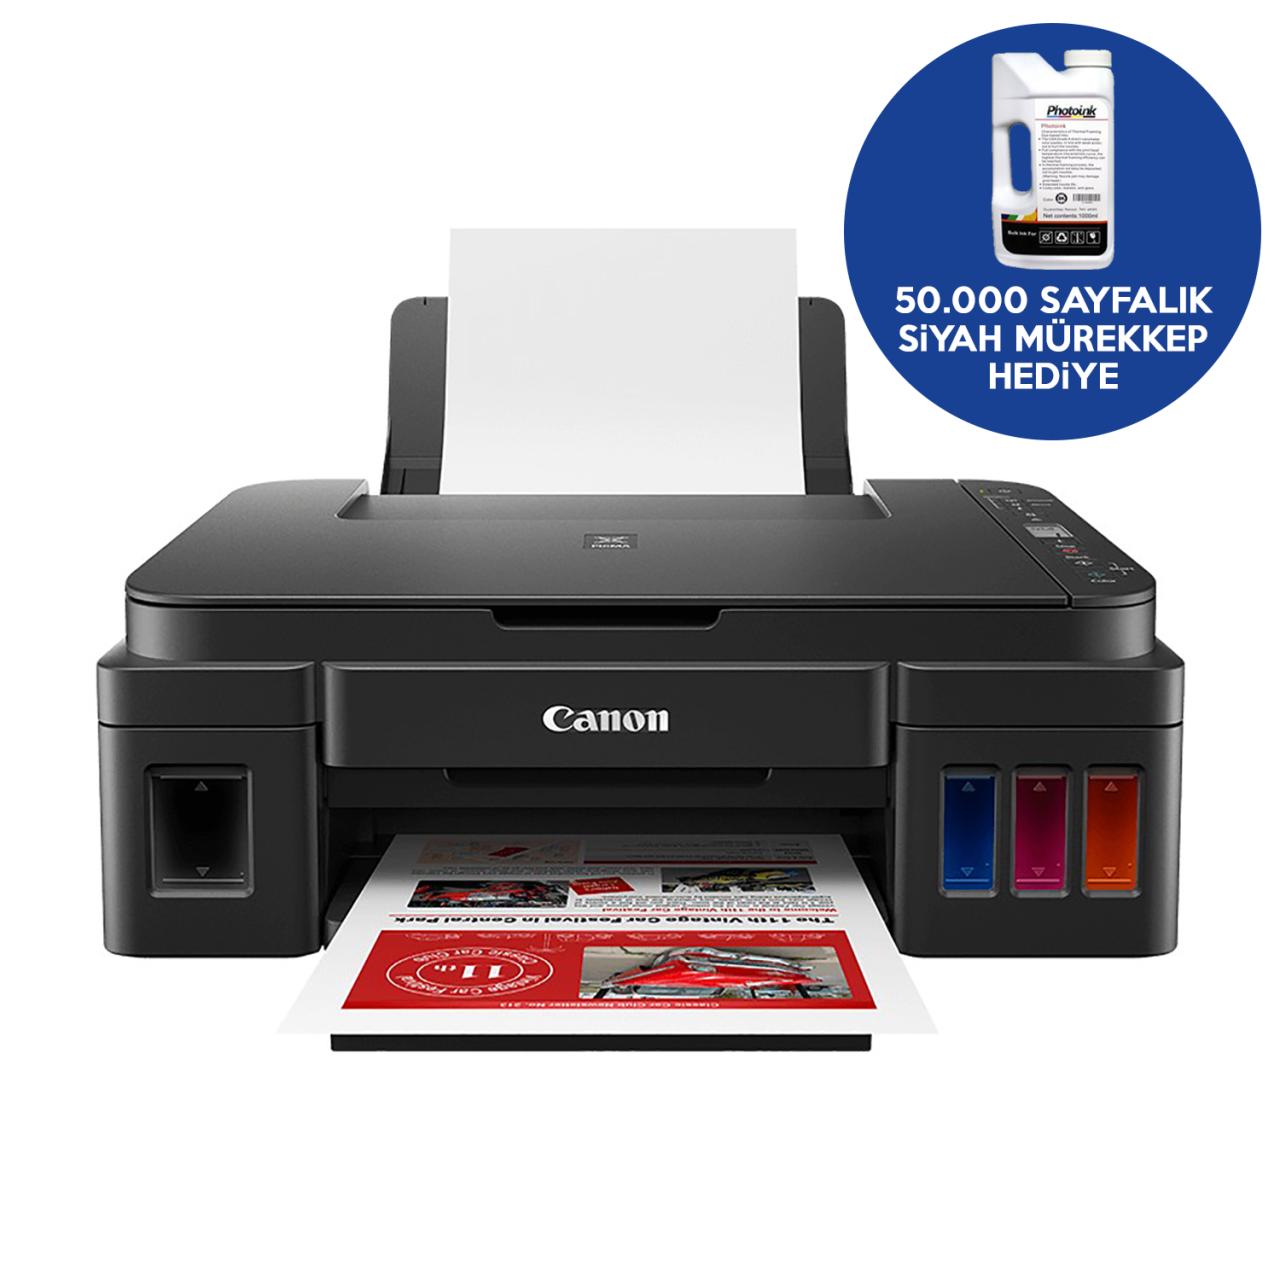 Canon G2411 Yazıcı ve 50.000 Sayfalık Siyah Photoink Mürekkep Hediyeli